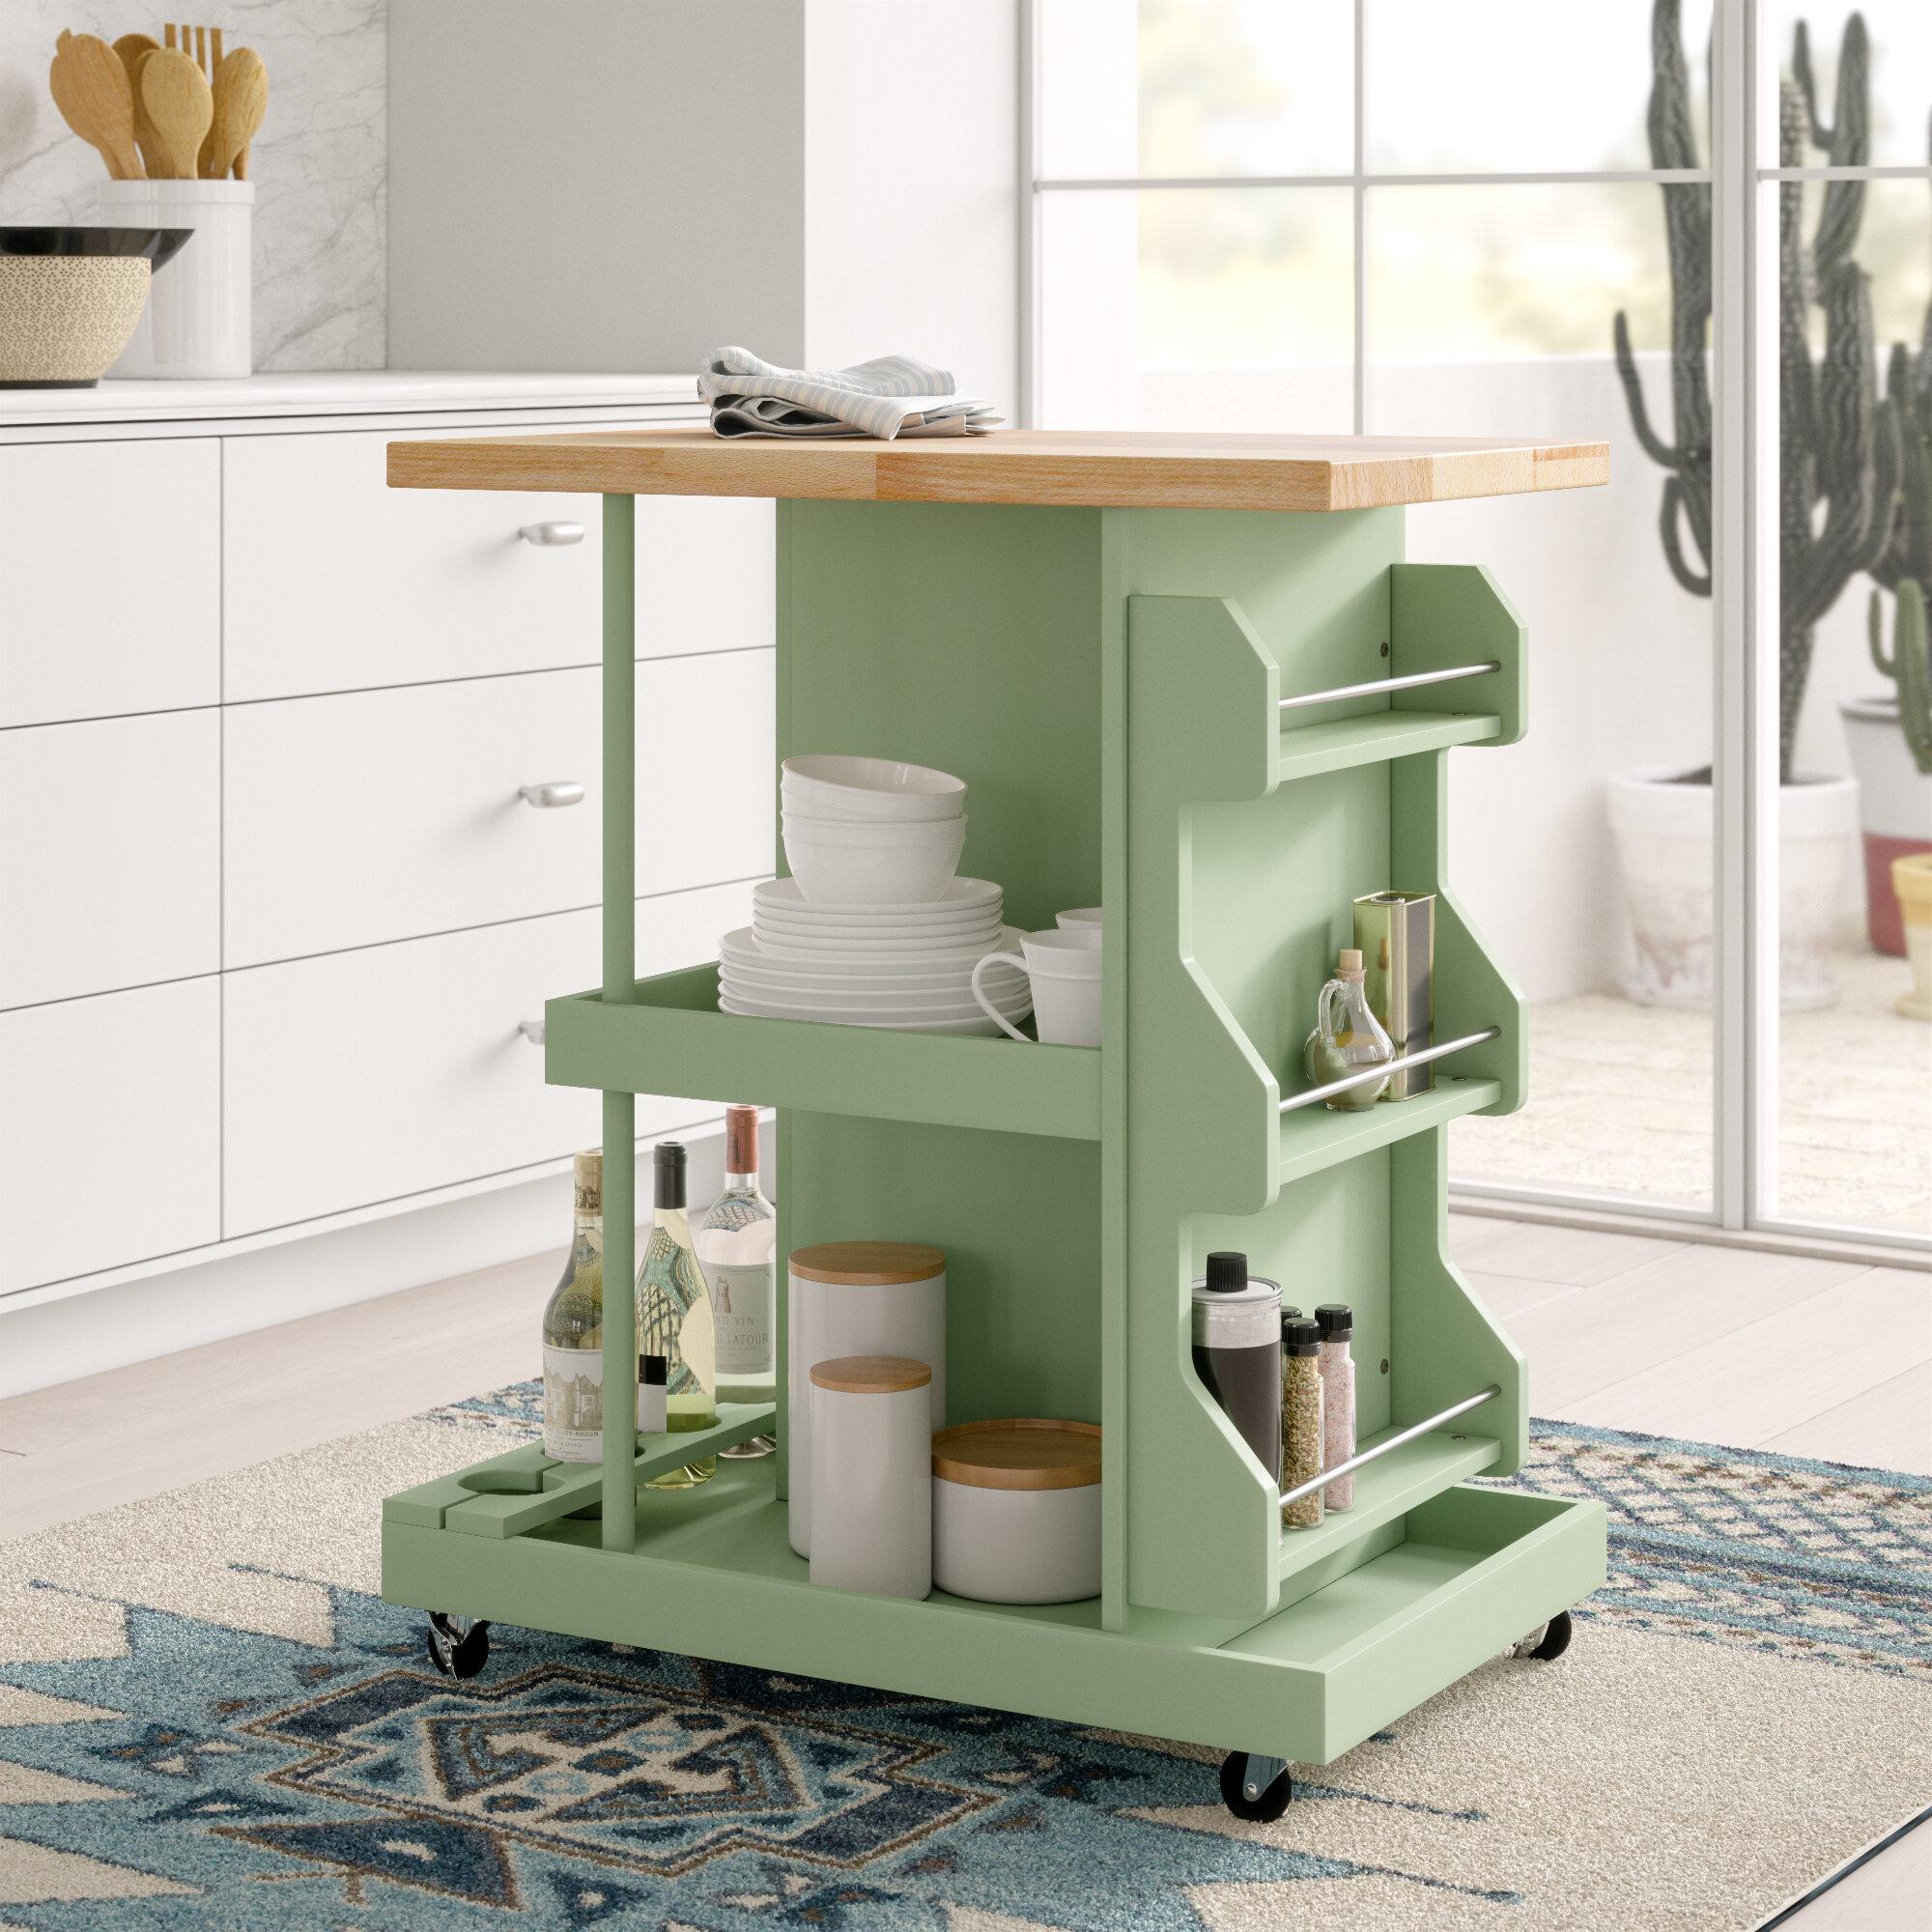 Mistana Diaz Kitchen Cart With Wood Top Reviews Wayfair